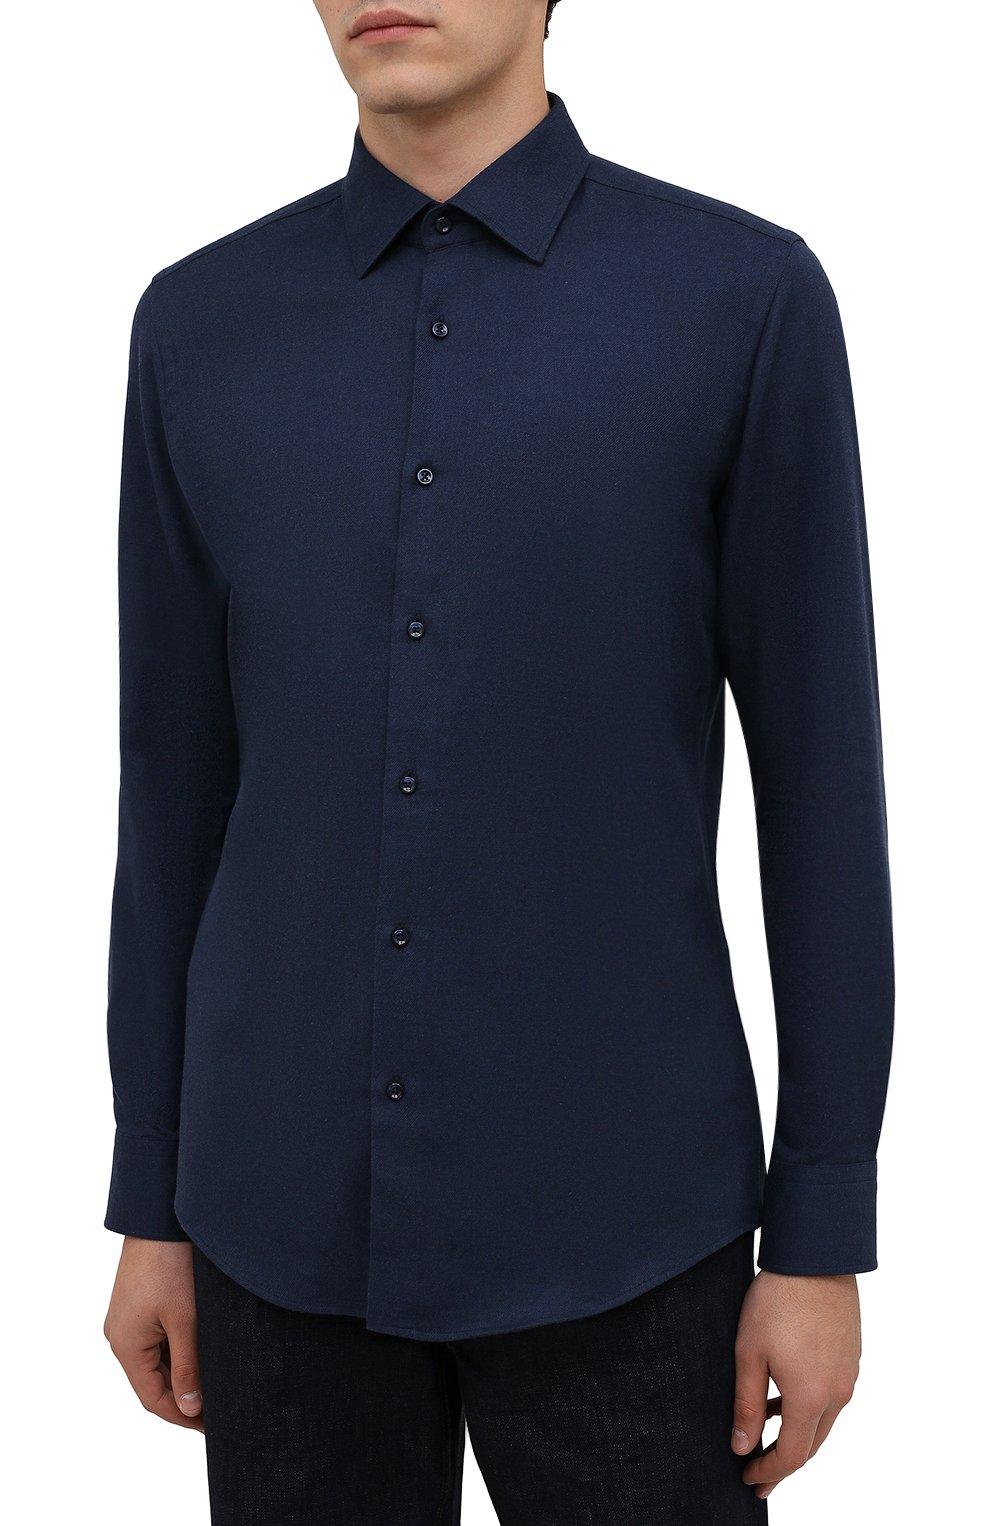 Мужская хлопковая рубашка BOSS темно-синего цвета, арт. 50460111   Фото 3 (Манжеты: На пуговицах; Воротник: Кент; Рукава: Длинные; Случай: Повседневный; Длина (для топов): Стандартные; Материал внешний: Хлопок; Принт: Однотонные; Стили: Кэжуэл)